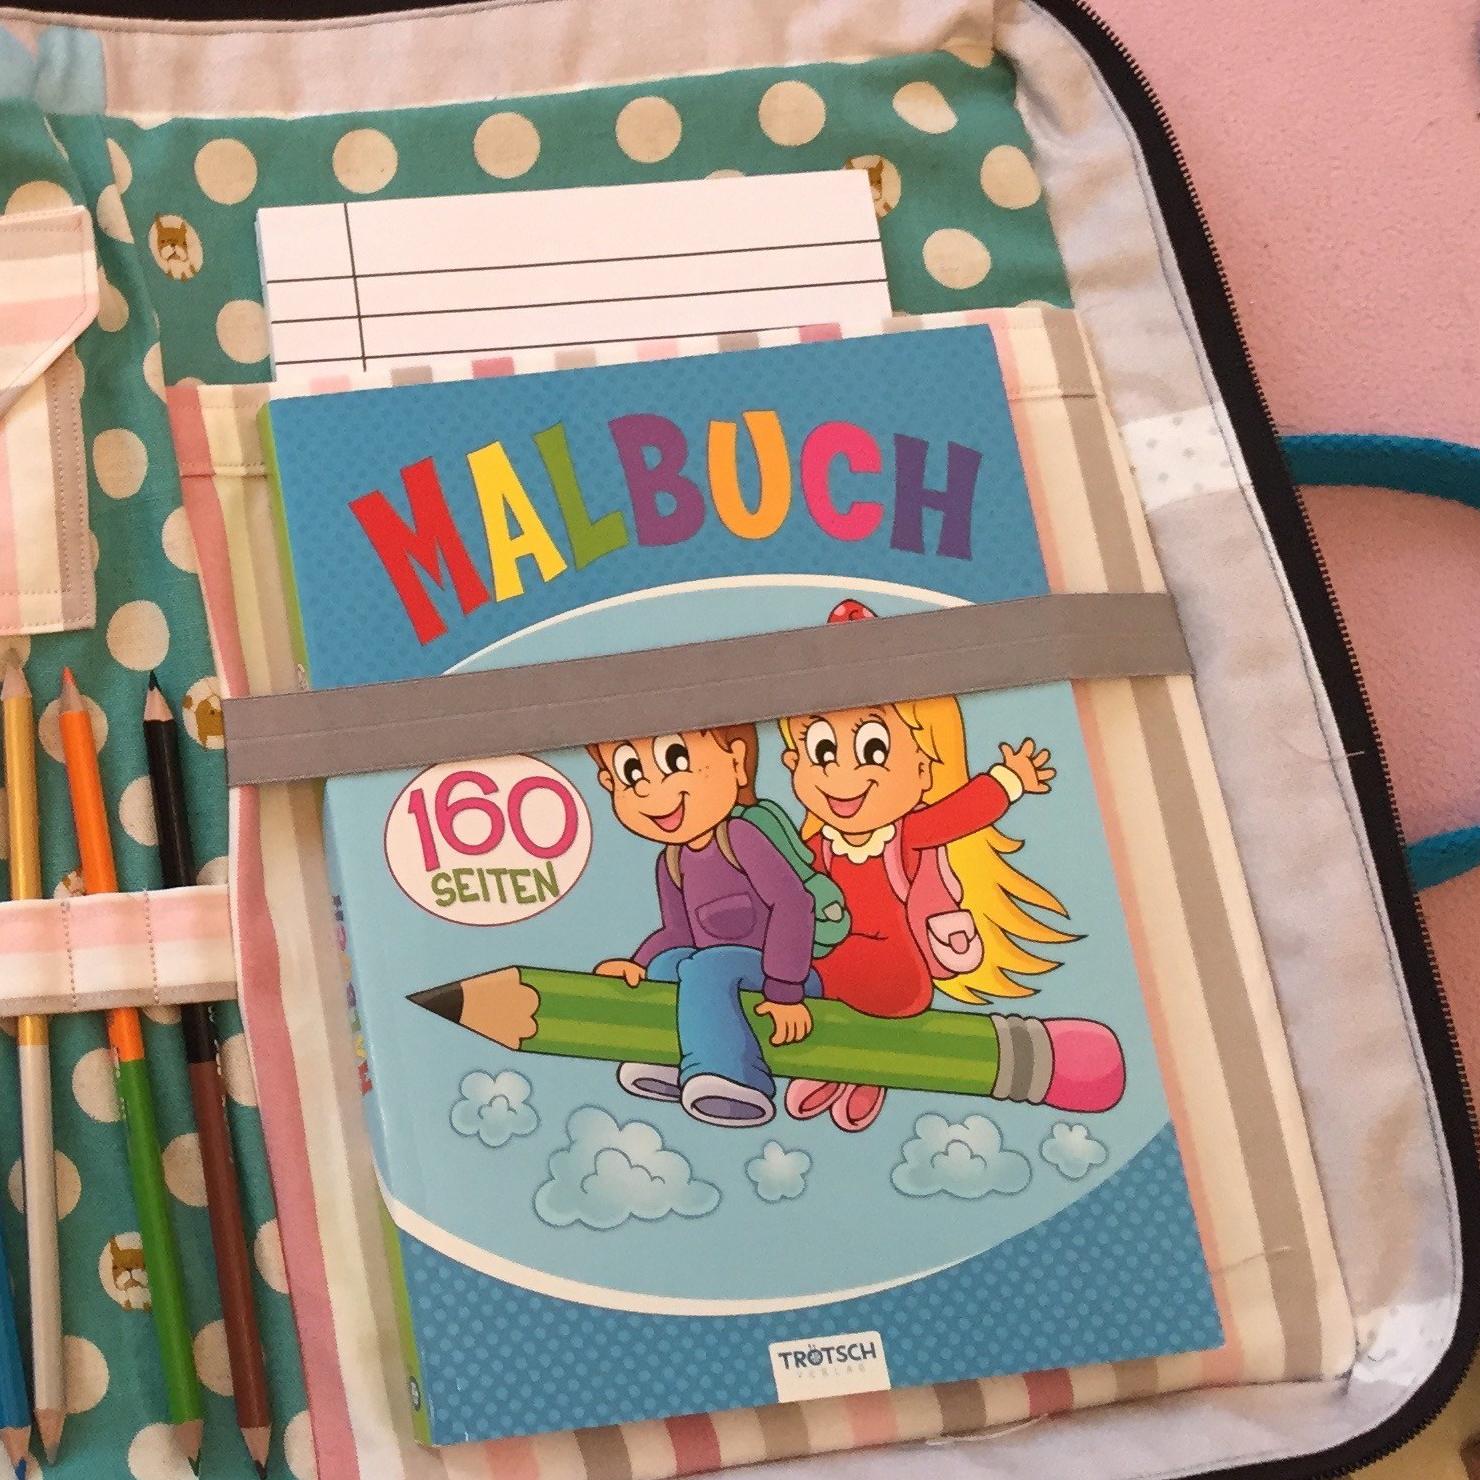 genähte Maltasche für Kinder, Malmappe für Kinder nähen,